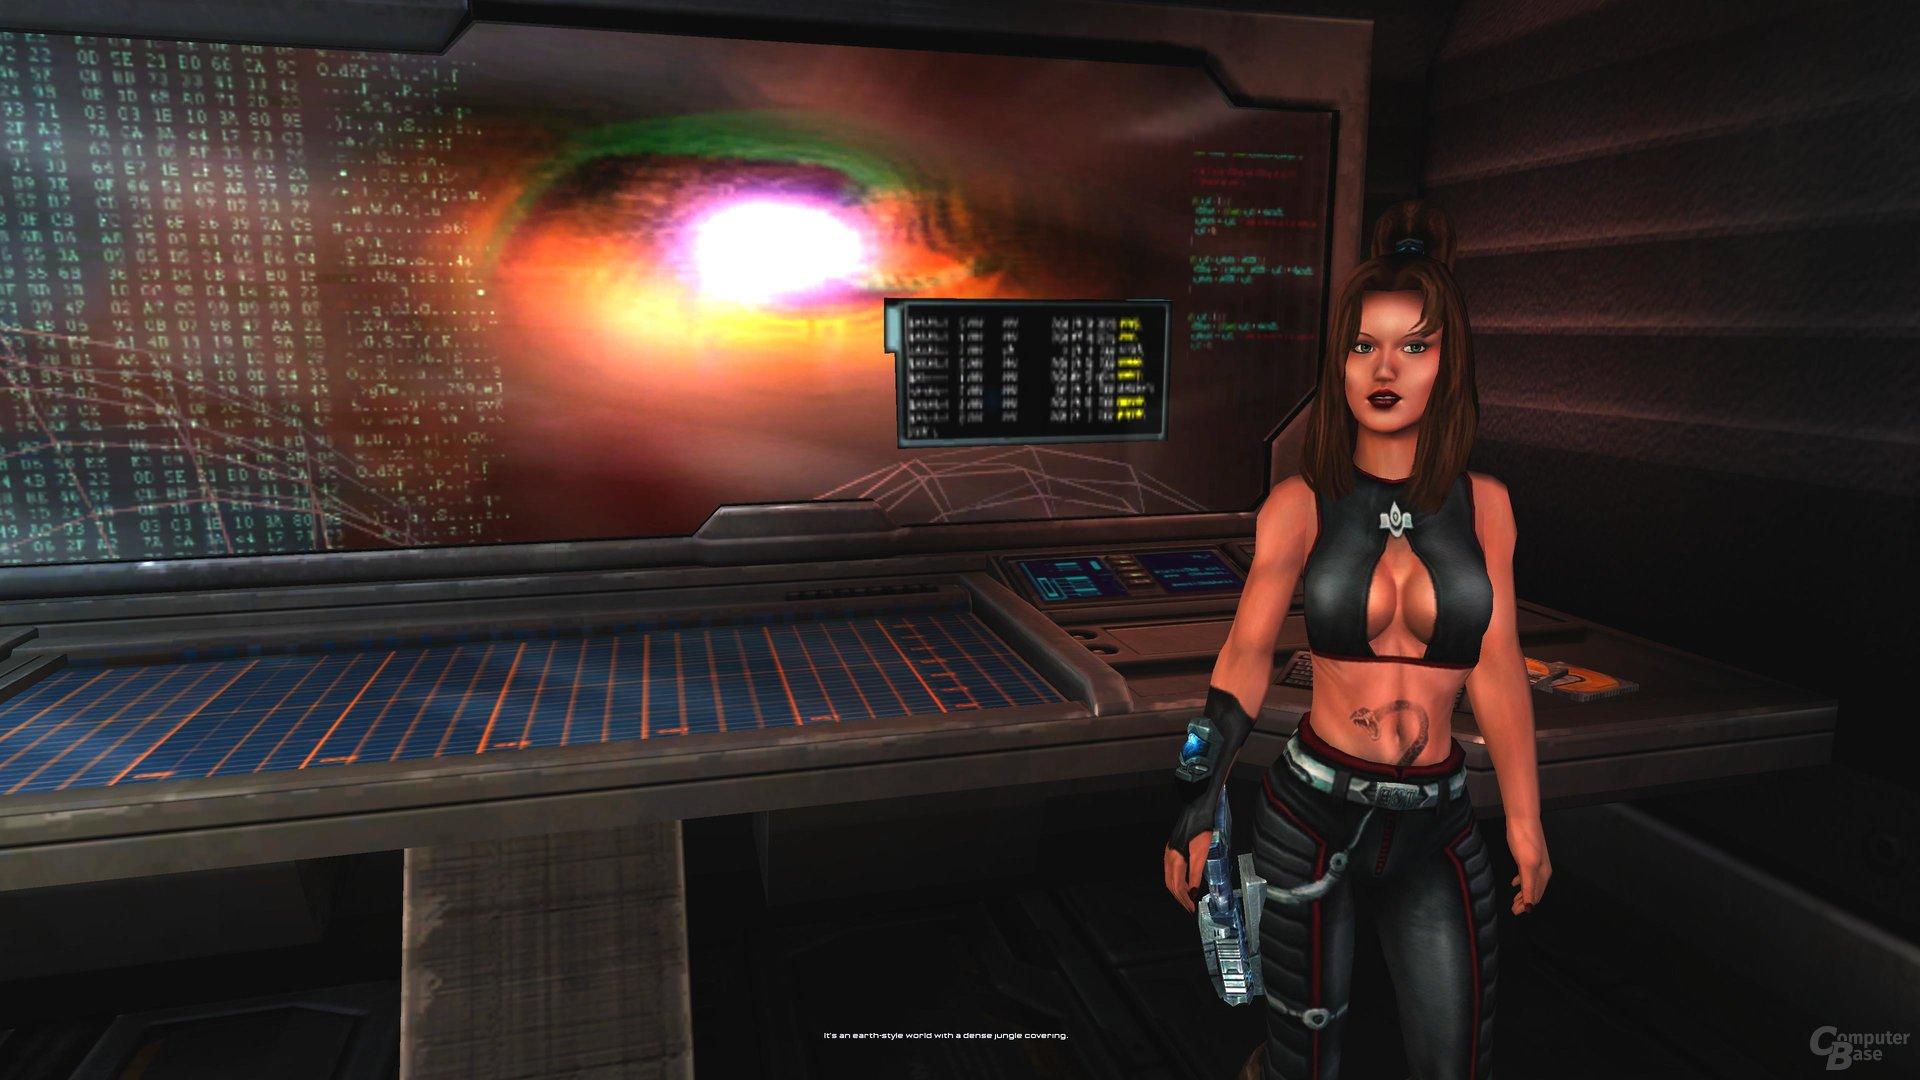 Assistentin Aida wurde mit merklich mehr Polygonen erstellt als andere Charaktere und Umgebung